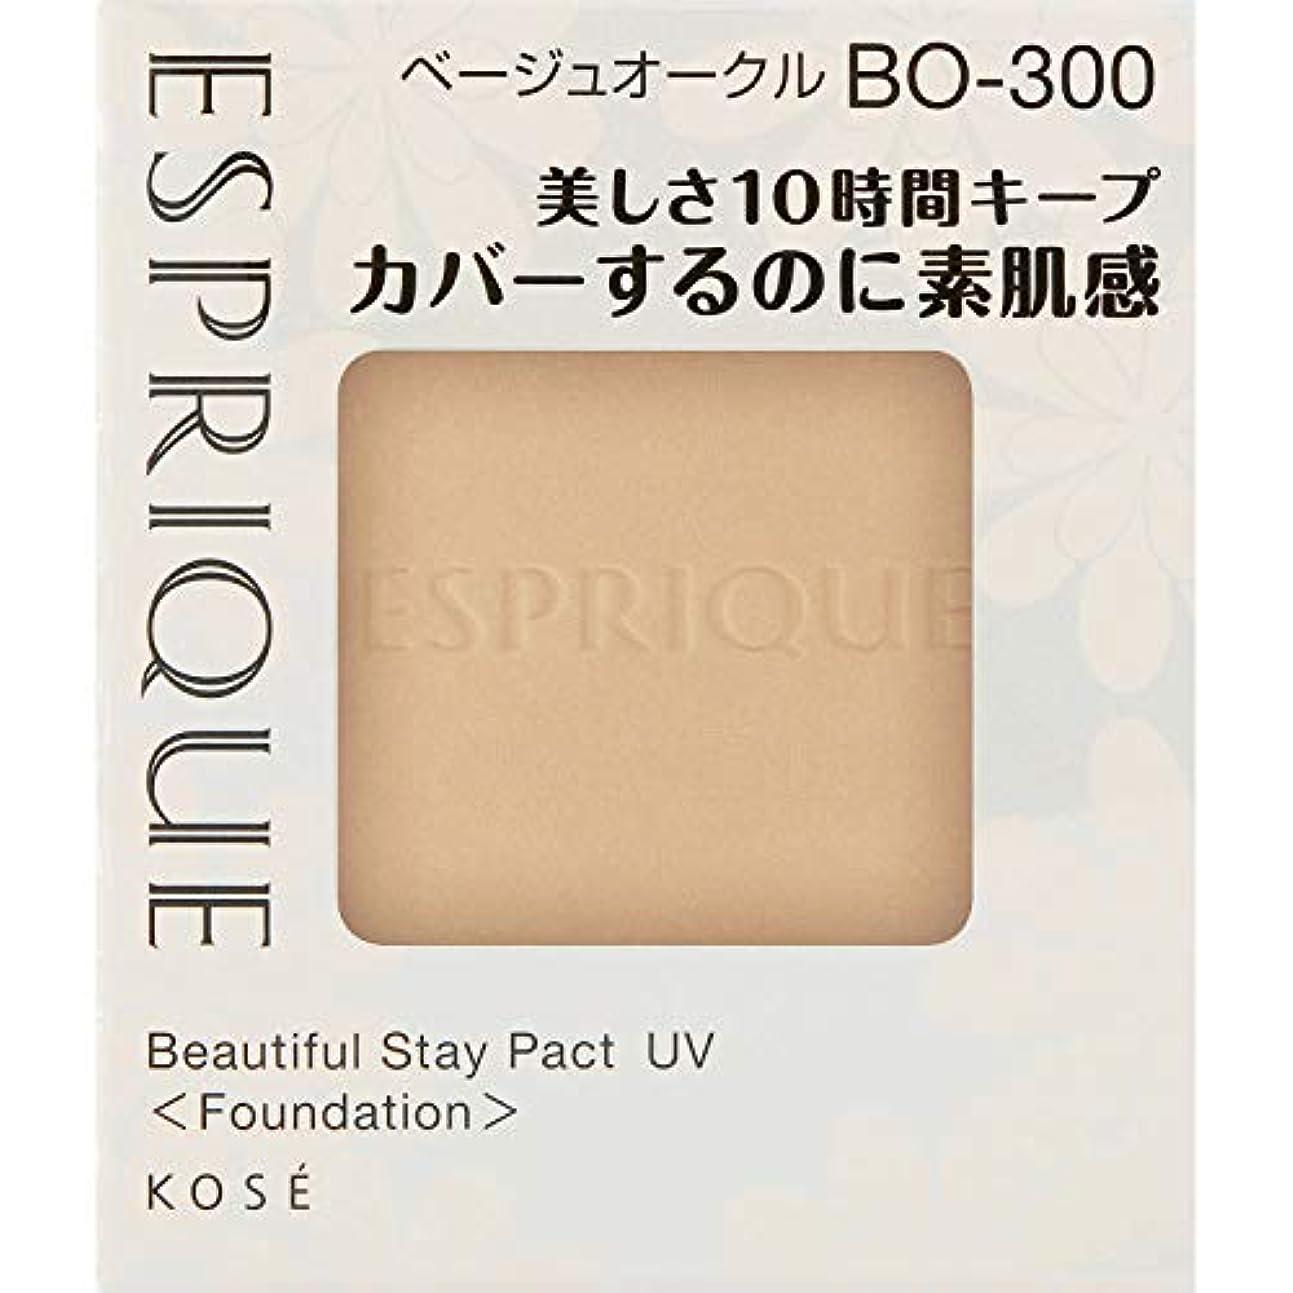 傾向があるピカリング酒エスプリーク カバーするのに素肌感持続 パクト UV BO-300 ベージュオークル 9.3g